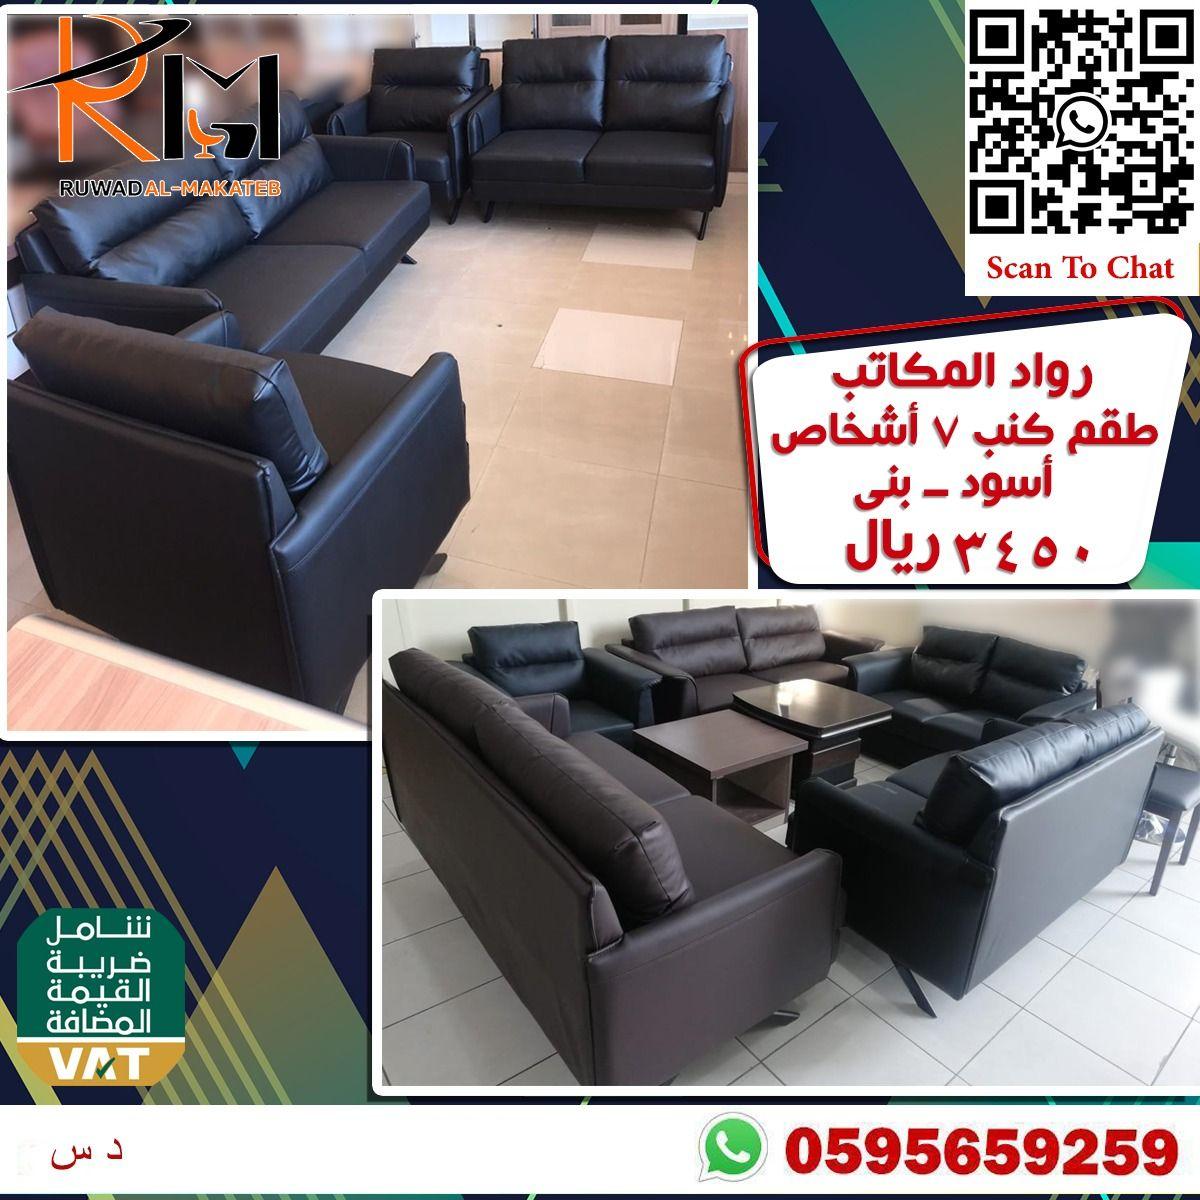 طقم كنب ٧ اشخاص اسود In 2021 Sectional Couch Furniture Home Decor